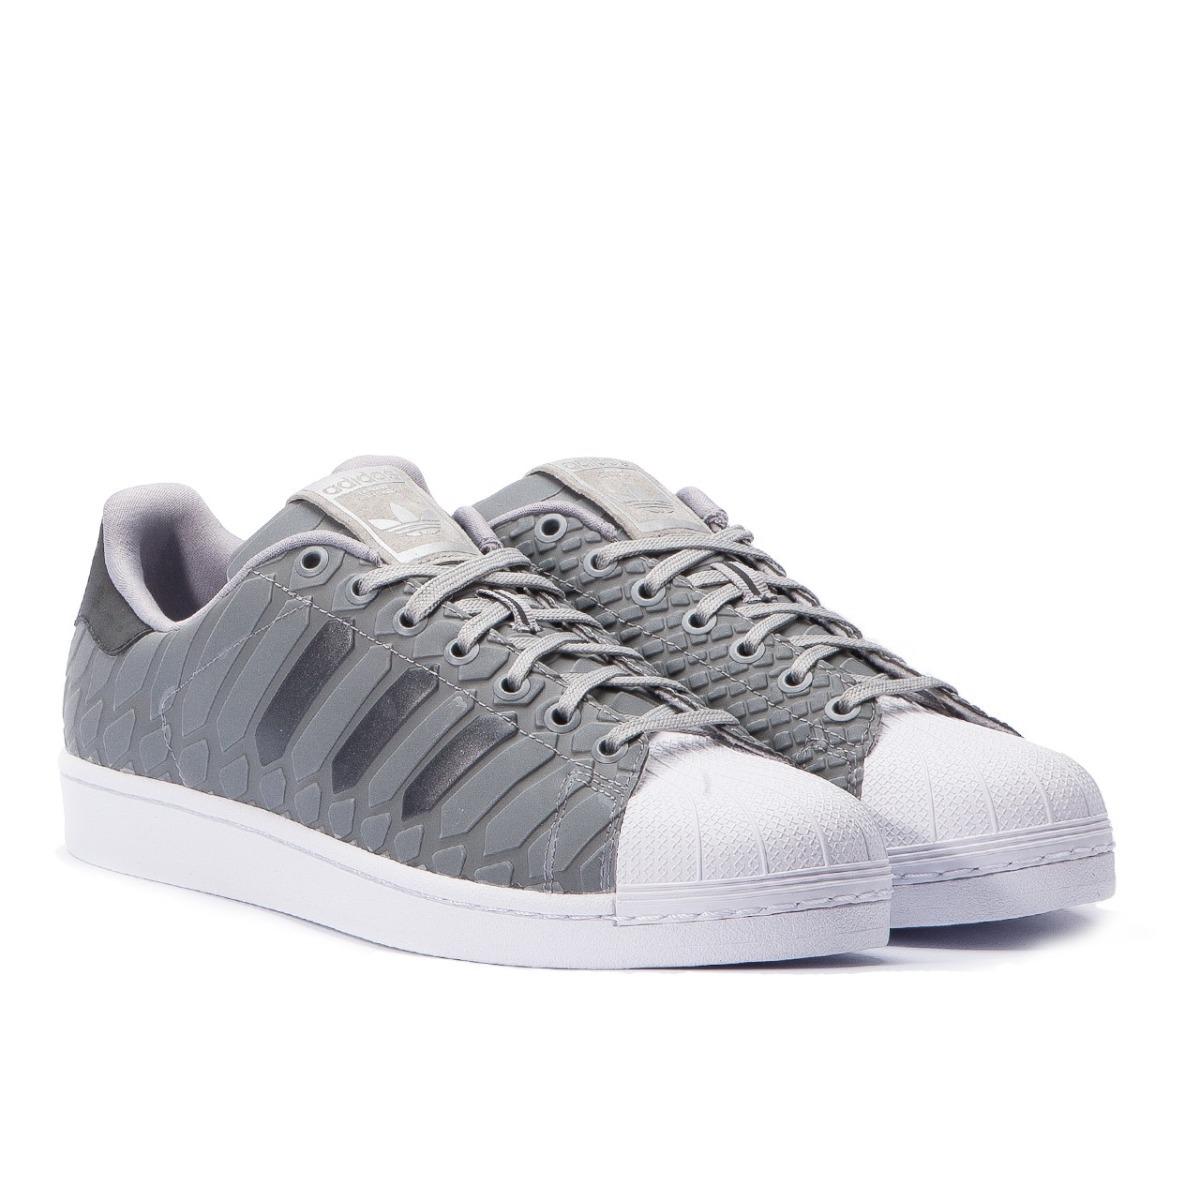 dc211911e4f ... promo code for tenis adidas superstar autoreflejantes grises nuevos  ori. cargando zoom. a6779 82872